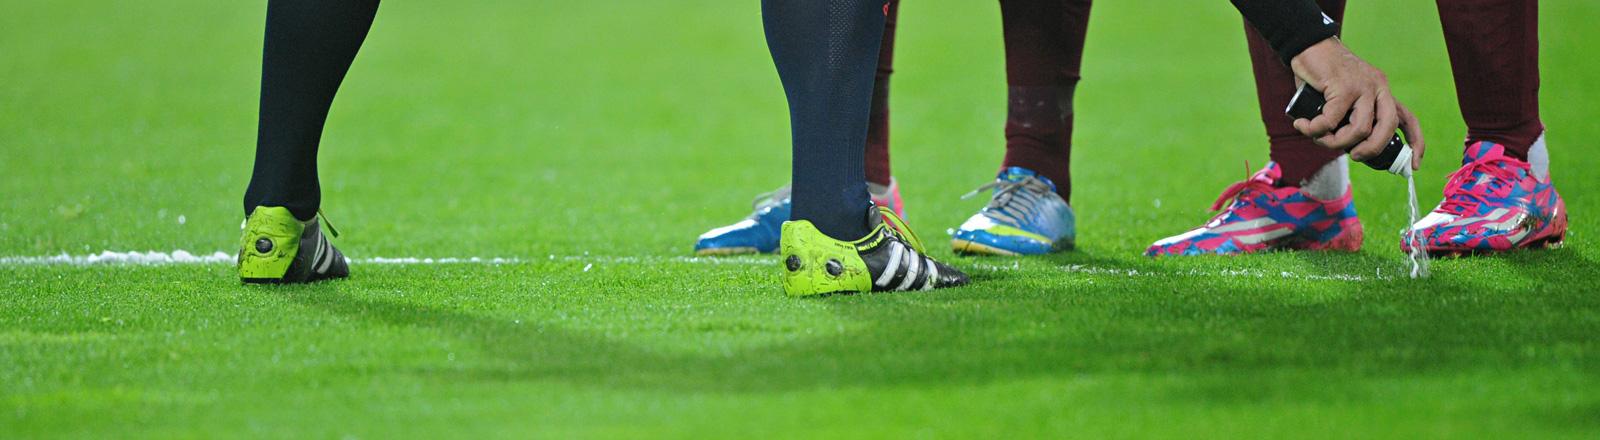 Auf einem Fußballrasen stehen drei Männer mit schwarzen Stulpen und Fußballschuhen. Ihre Beine sind bis zum Knie zu sehen. Eine Hand hält eine Spraydose und markiert damit den Boden; Bild: dpa